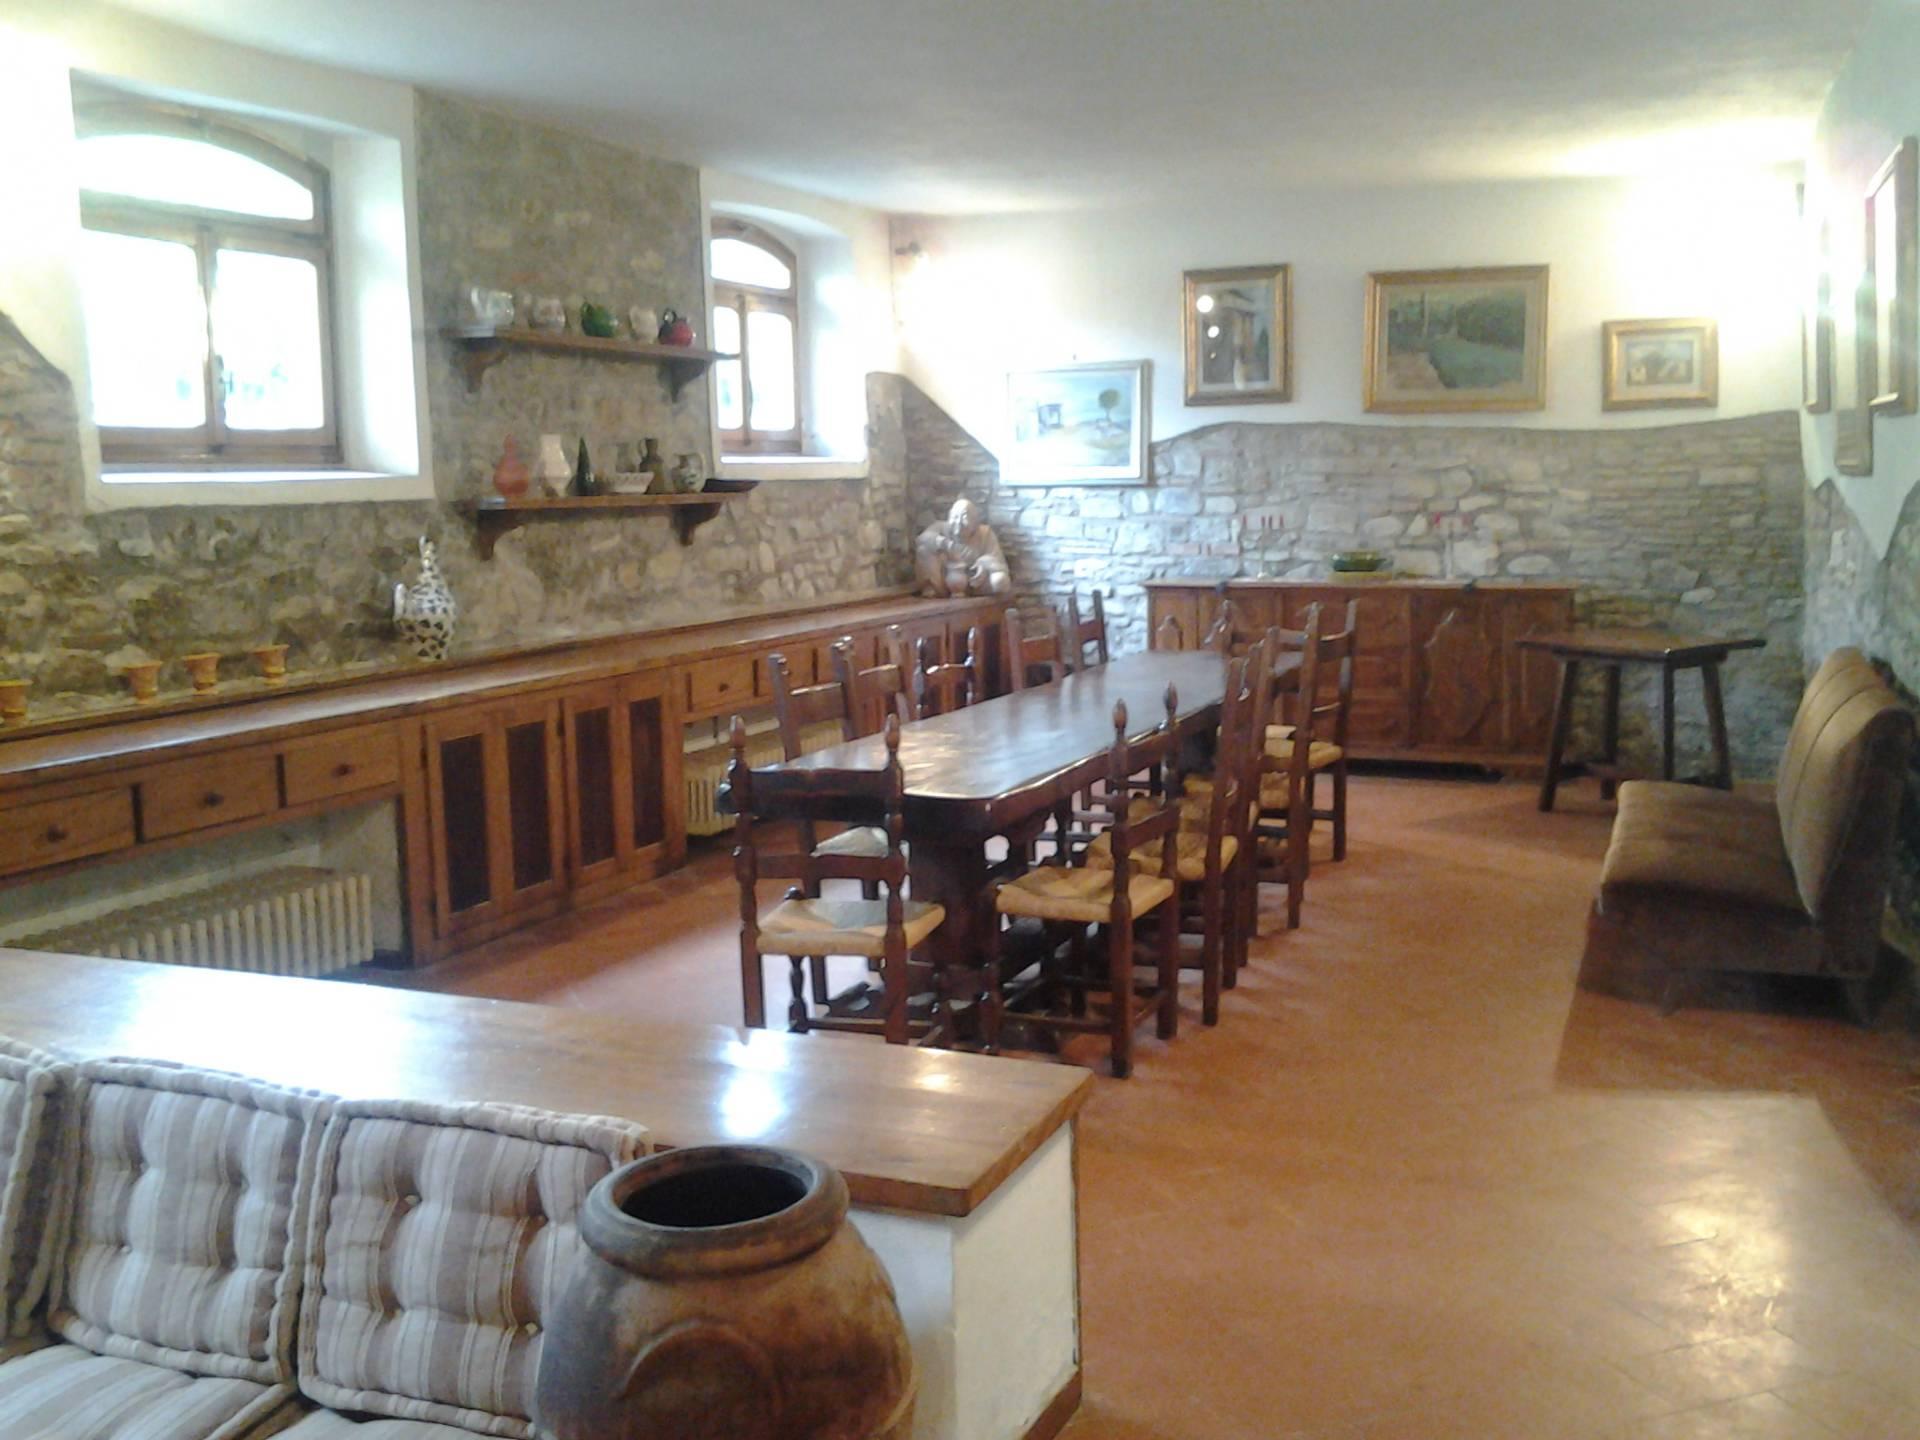 Rustico / Casale in vendita a Vaiano, 18 locali, zona Zona: Sofignano, prezzo € 1.400.000 | Cambio Casa.it